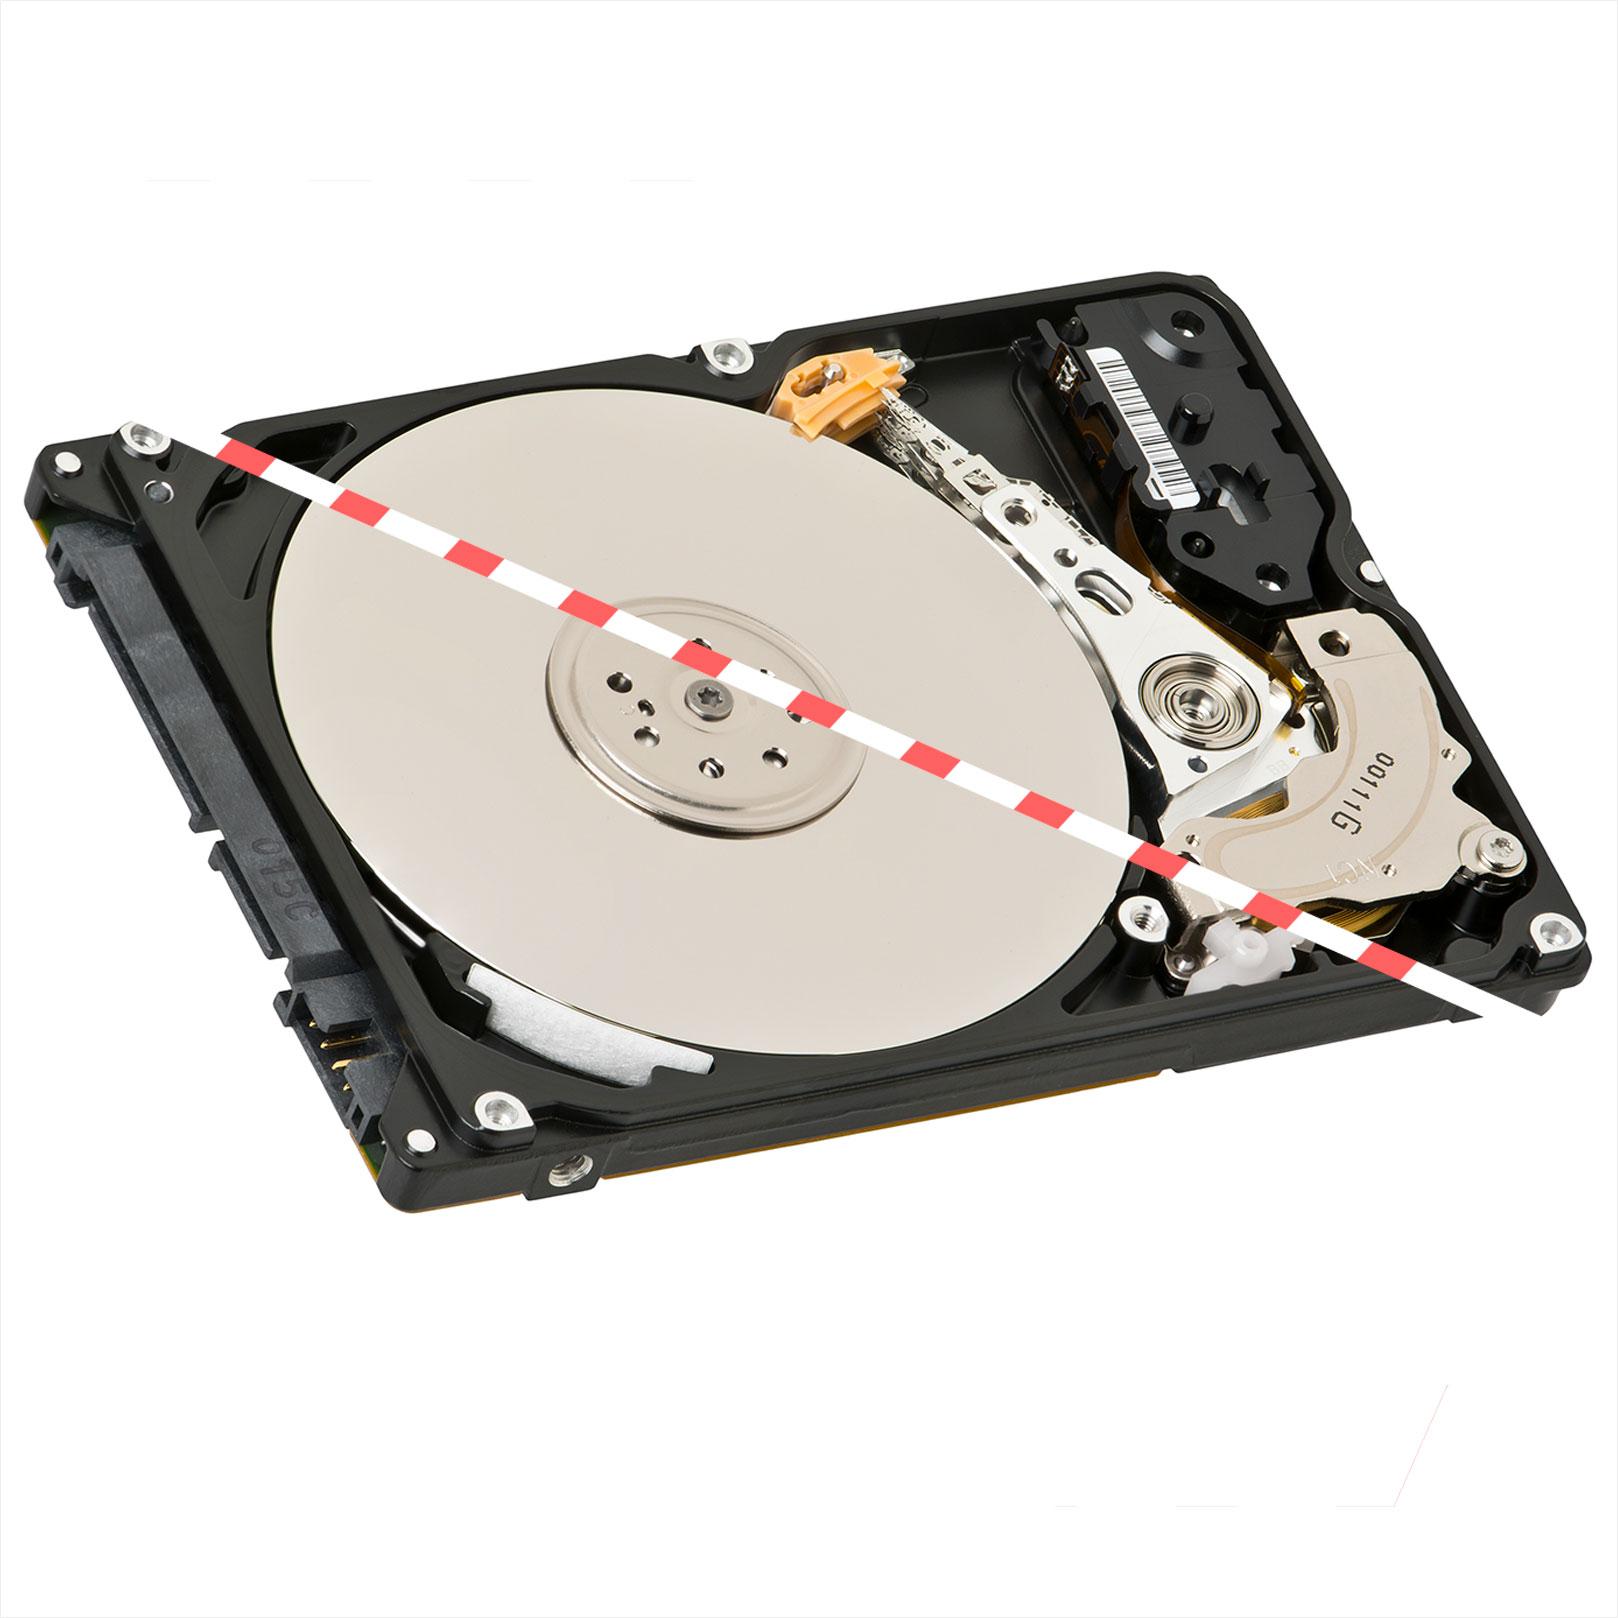 разделить жесткий диск в windows, разделить диск на 2 части